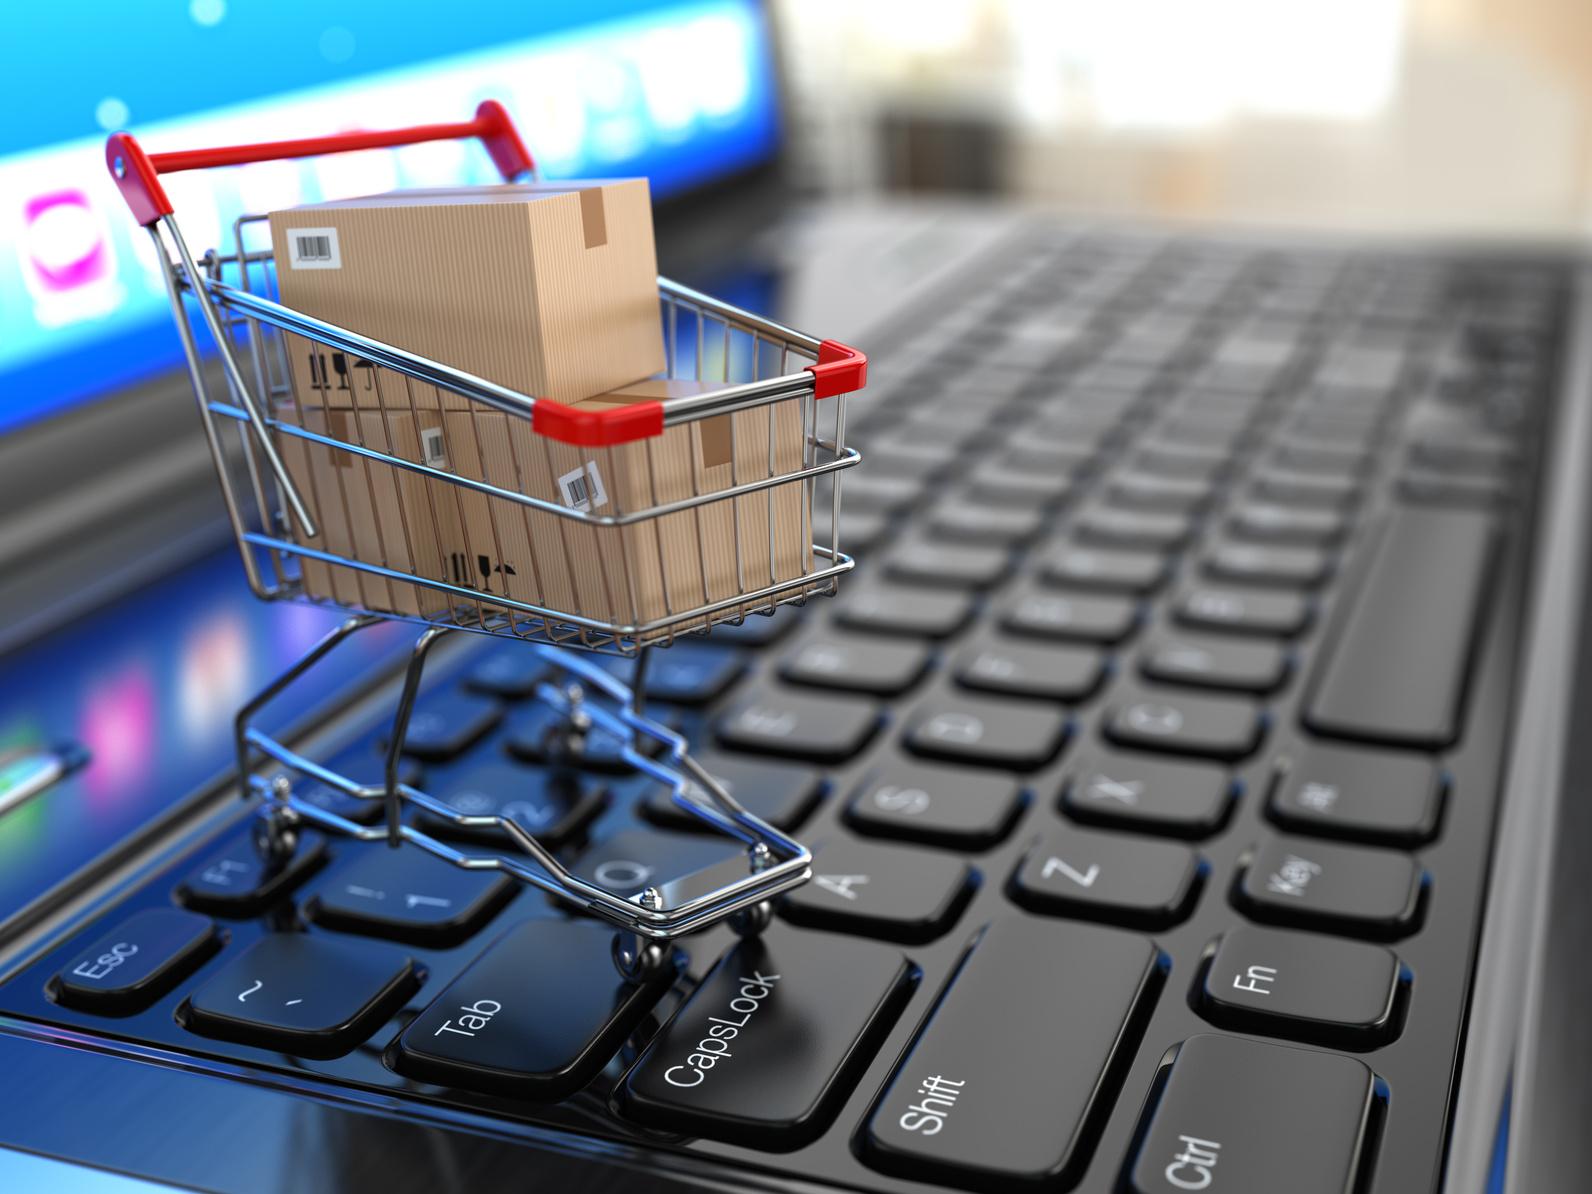 فروش آنلاین چینی ها امسال ۹۰۰ میلیارد دلاری میشود